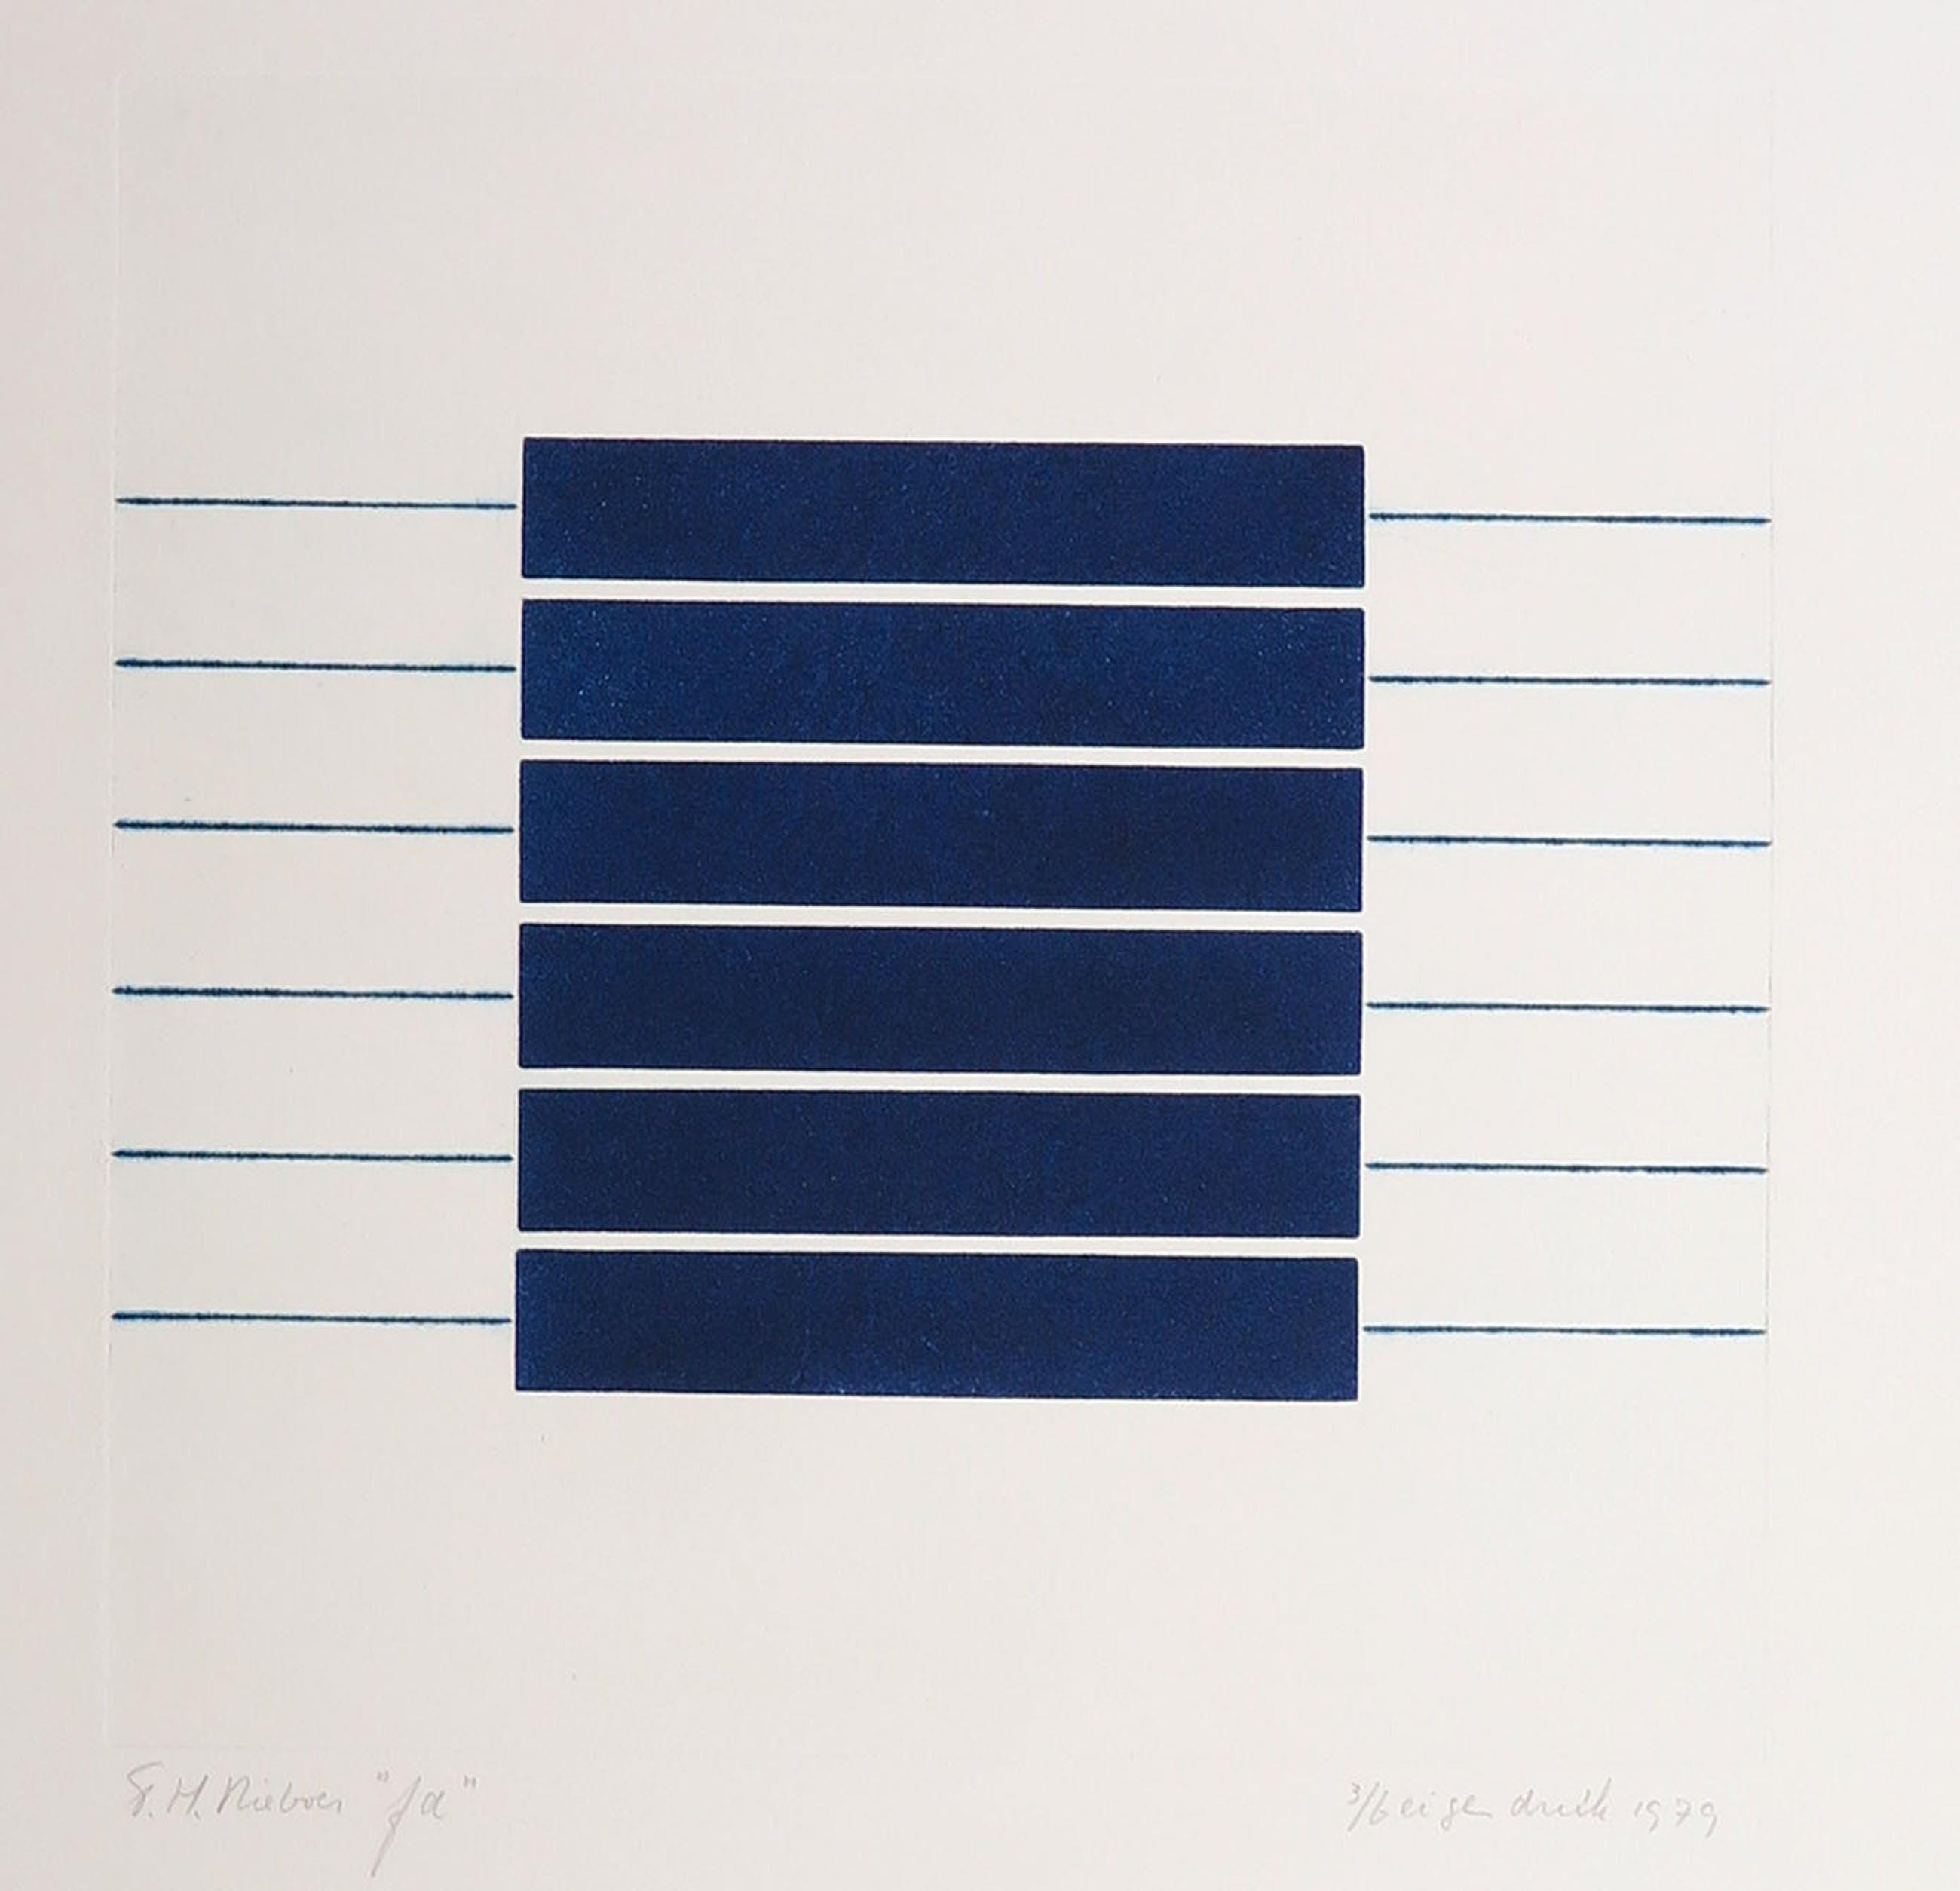 Tiddo Nieboer - Kleurenets, Geometrische compositie kopen? Bied vanaf 50!